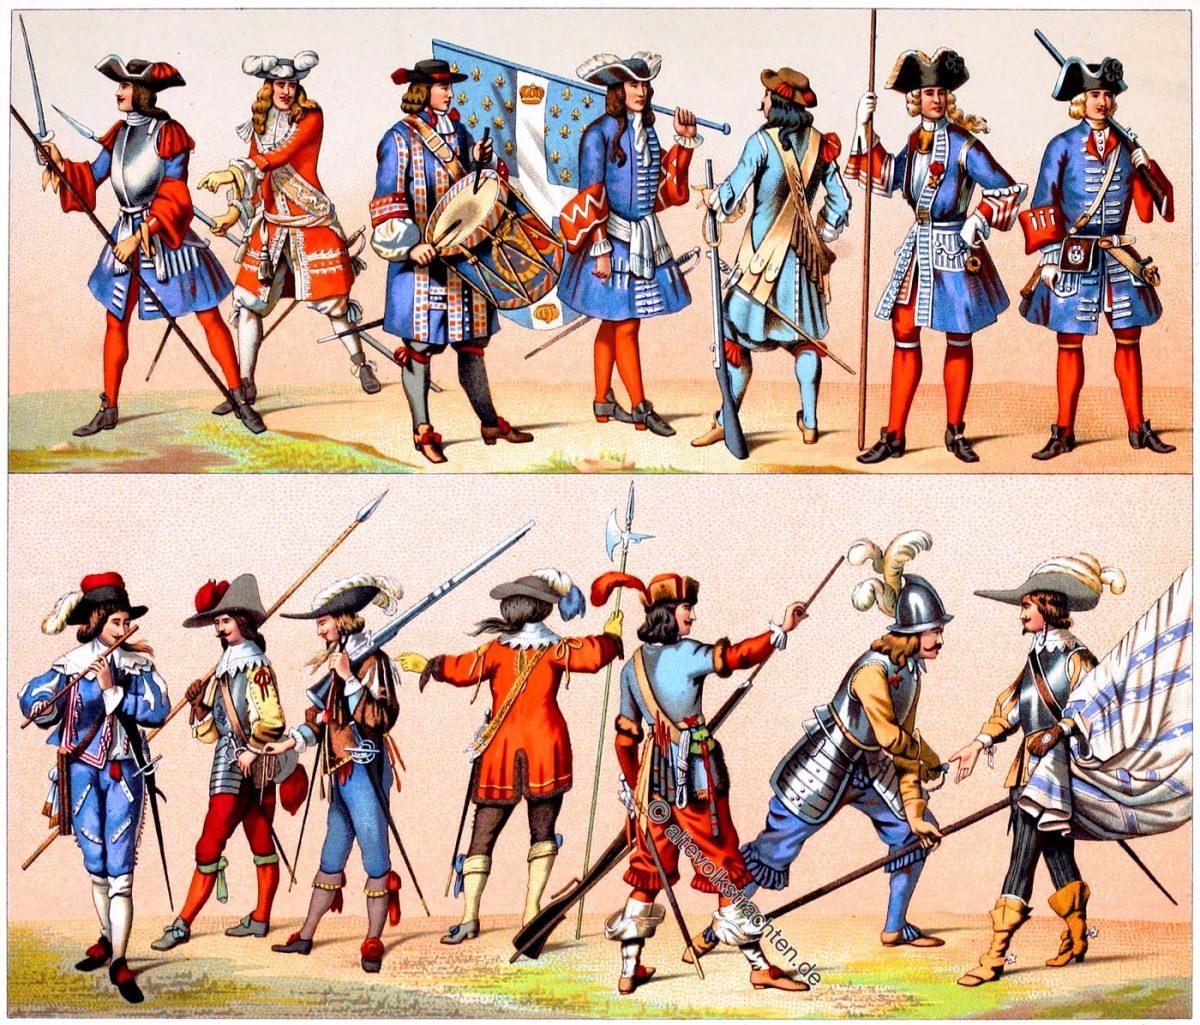 Die französischen Garden seit ihrer Gründung. Soldaten Uniformen des 17. und 18. Jahrhunderts.